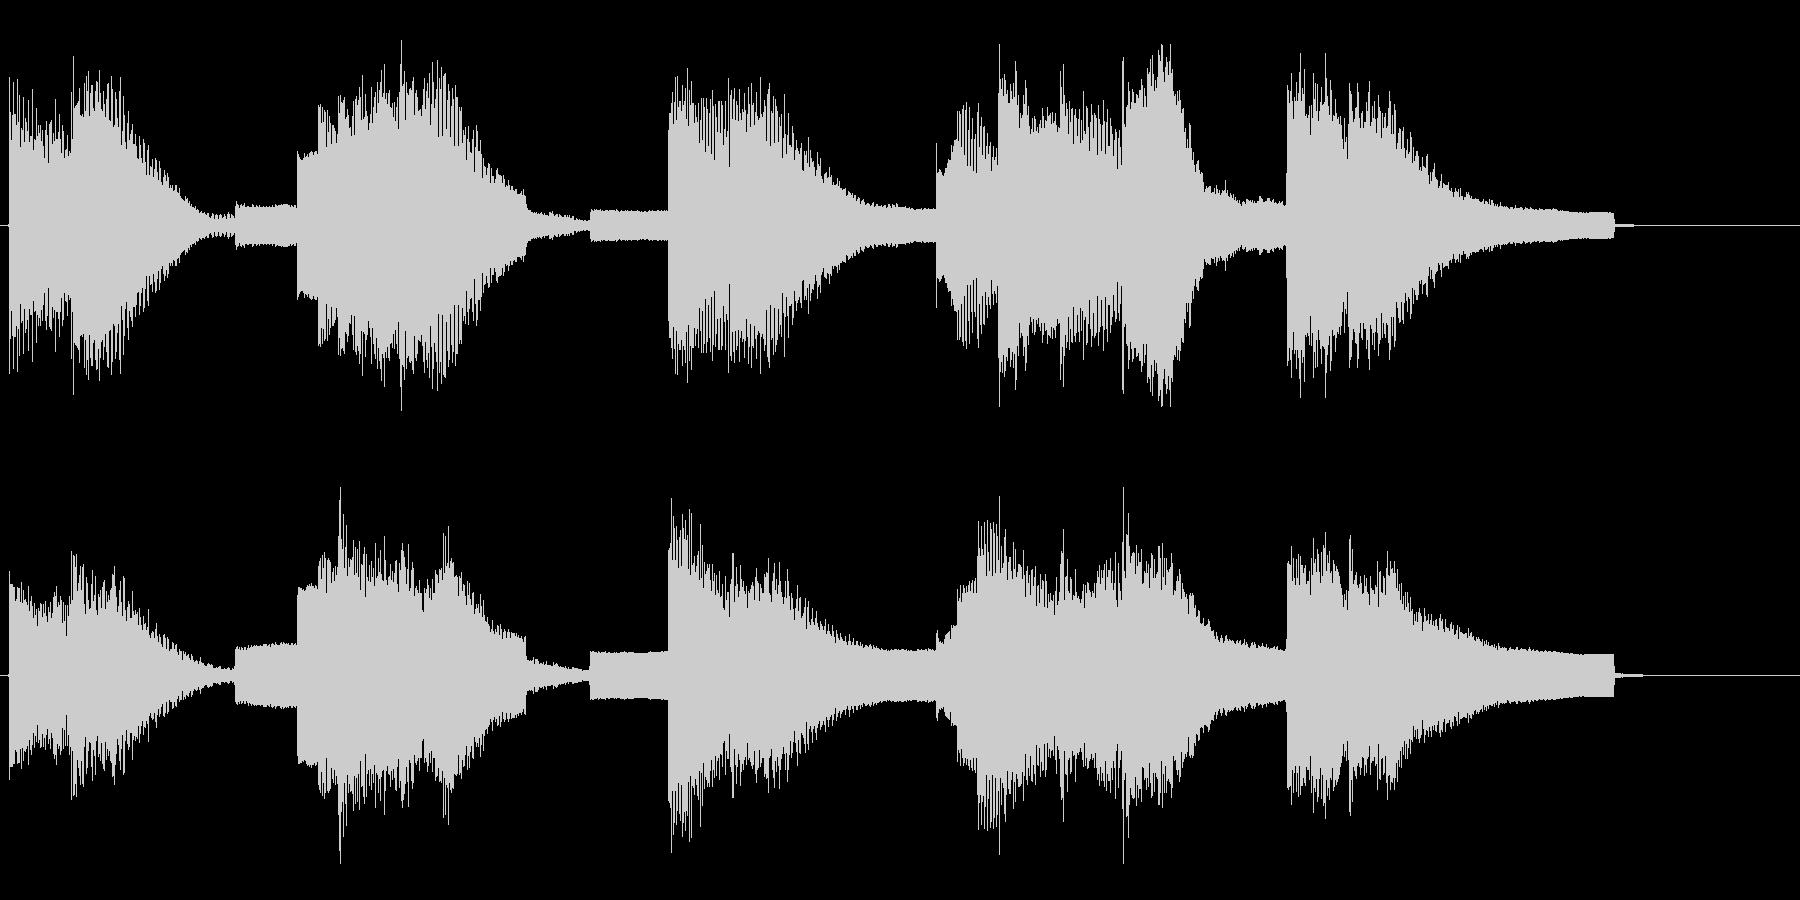 エレクトリックピアノとシンセリードによ…の未再生の波形